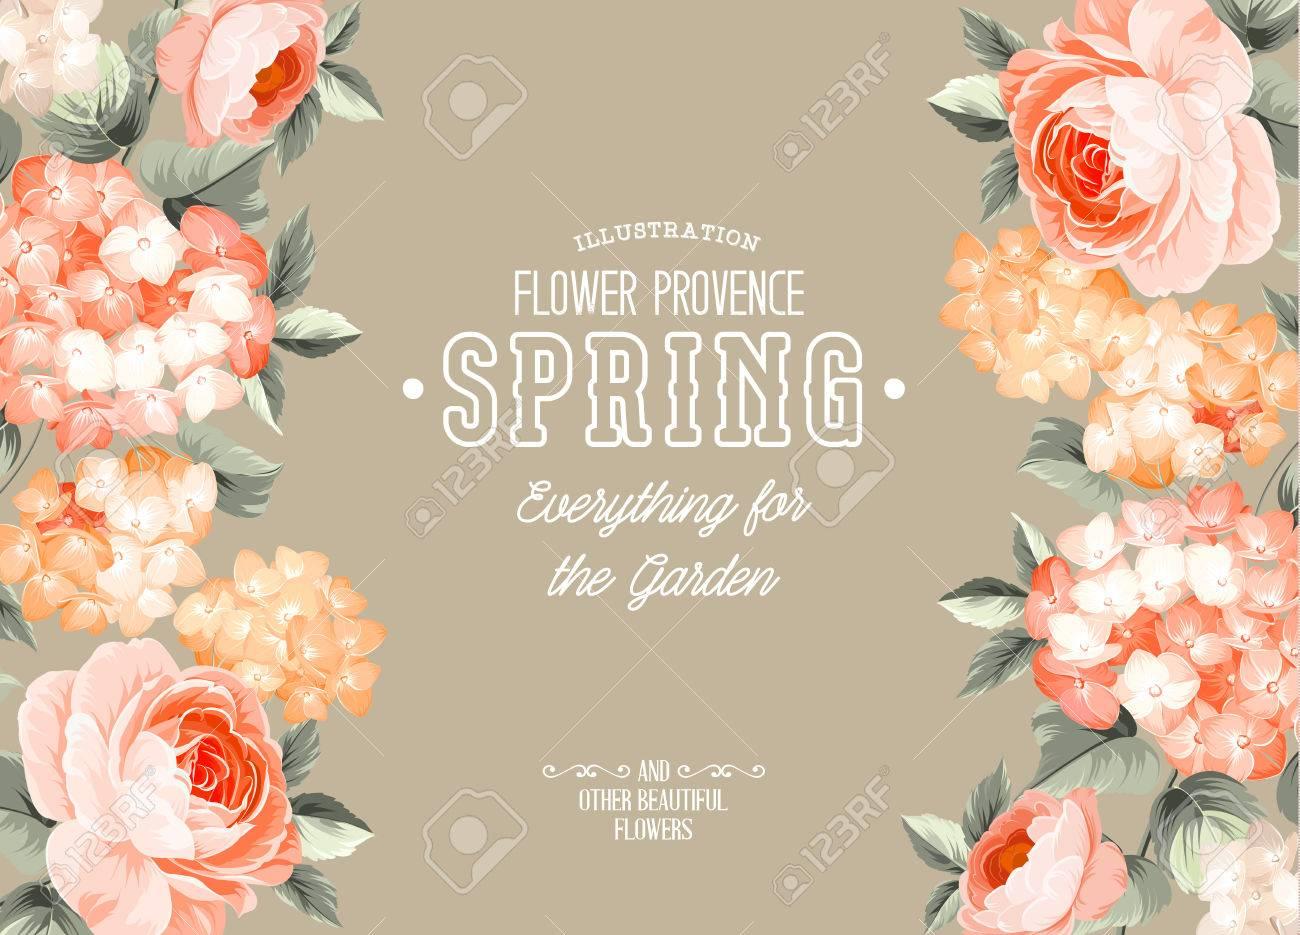 Illustration Der Provence Blume Alles Fur Garten Und Andere Schone